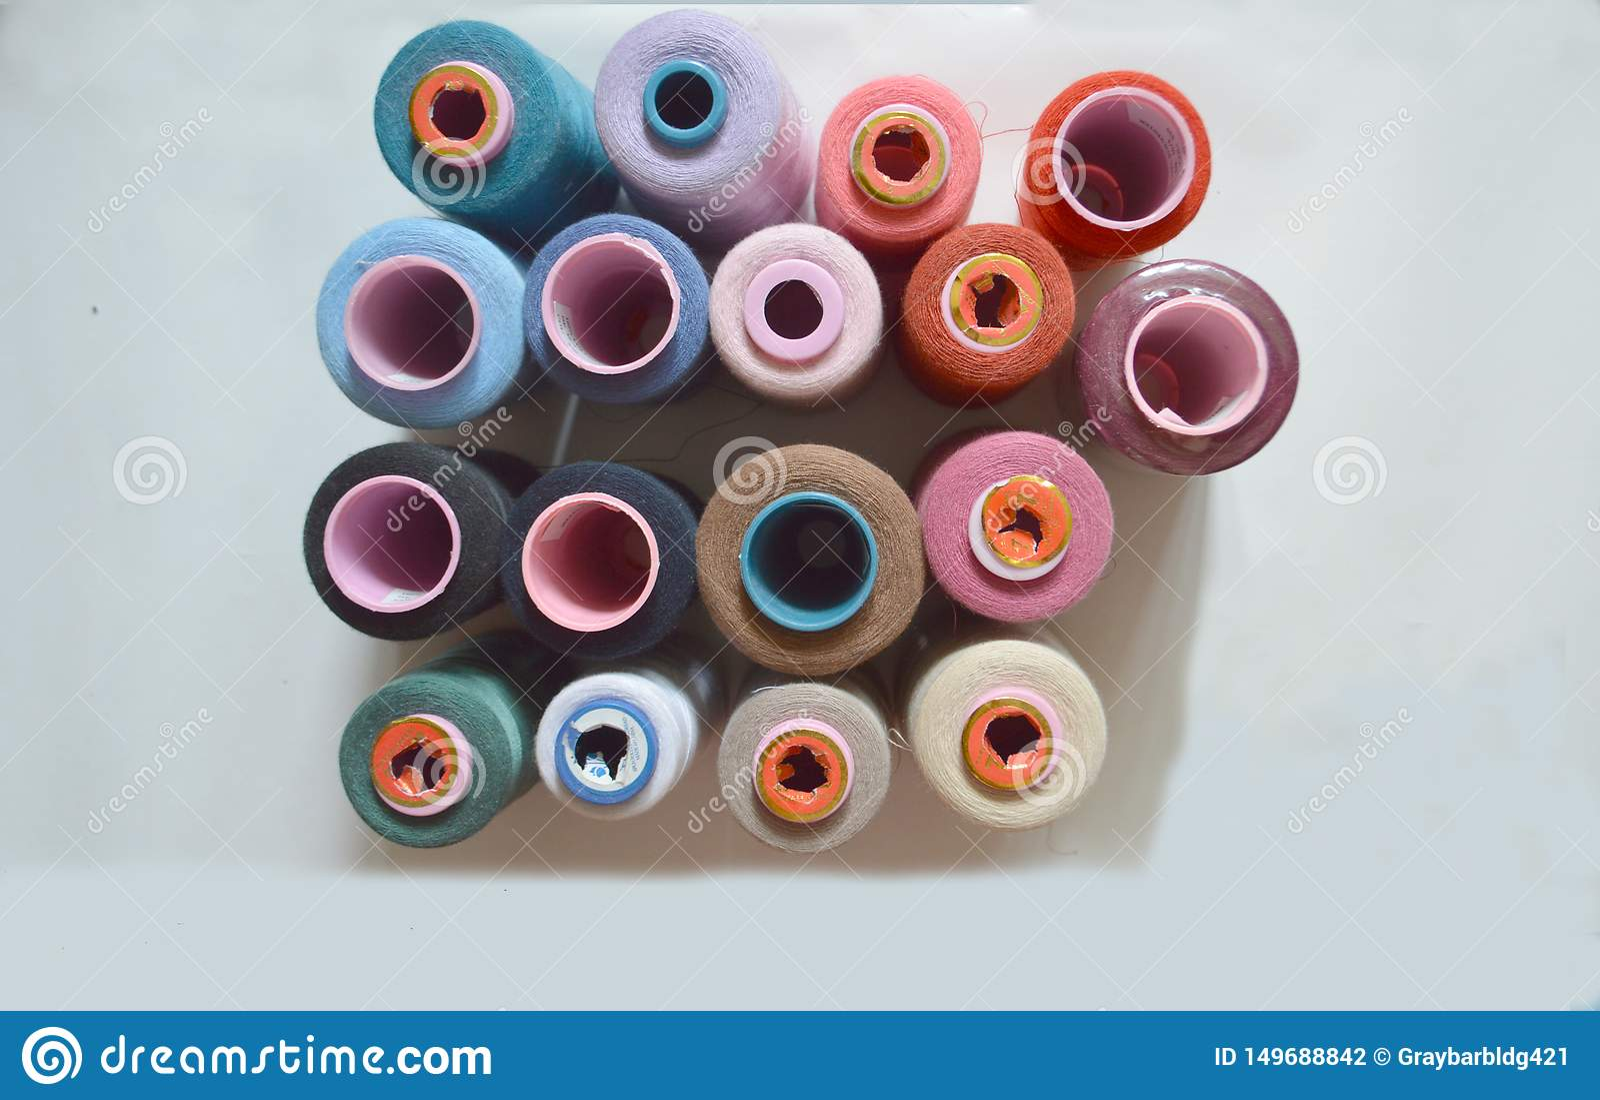 Divers fils color?s pour l usine de tissu, tissant, production de textile, industrie du habillement